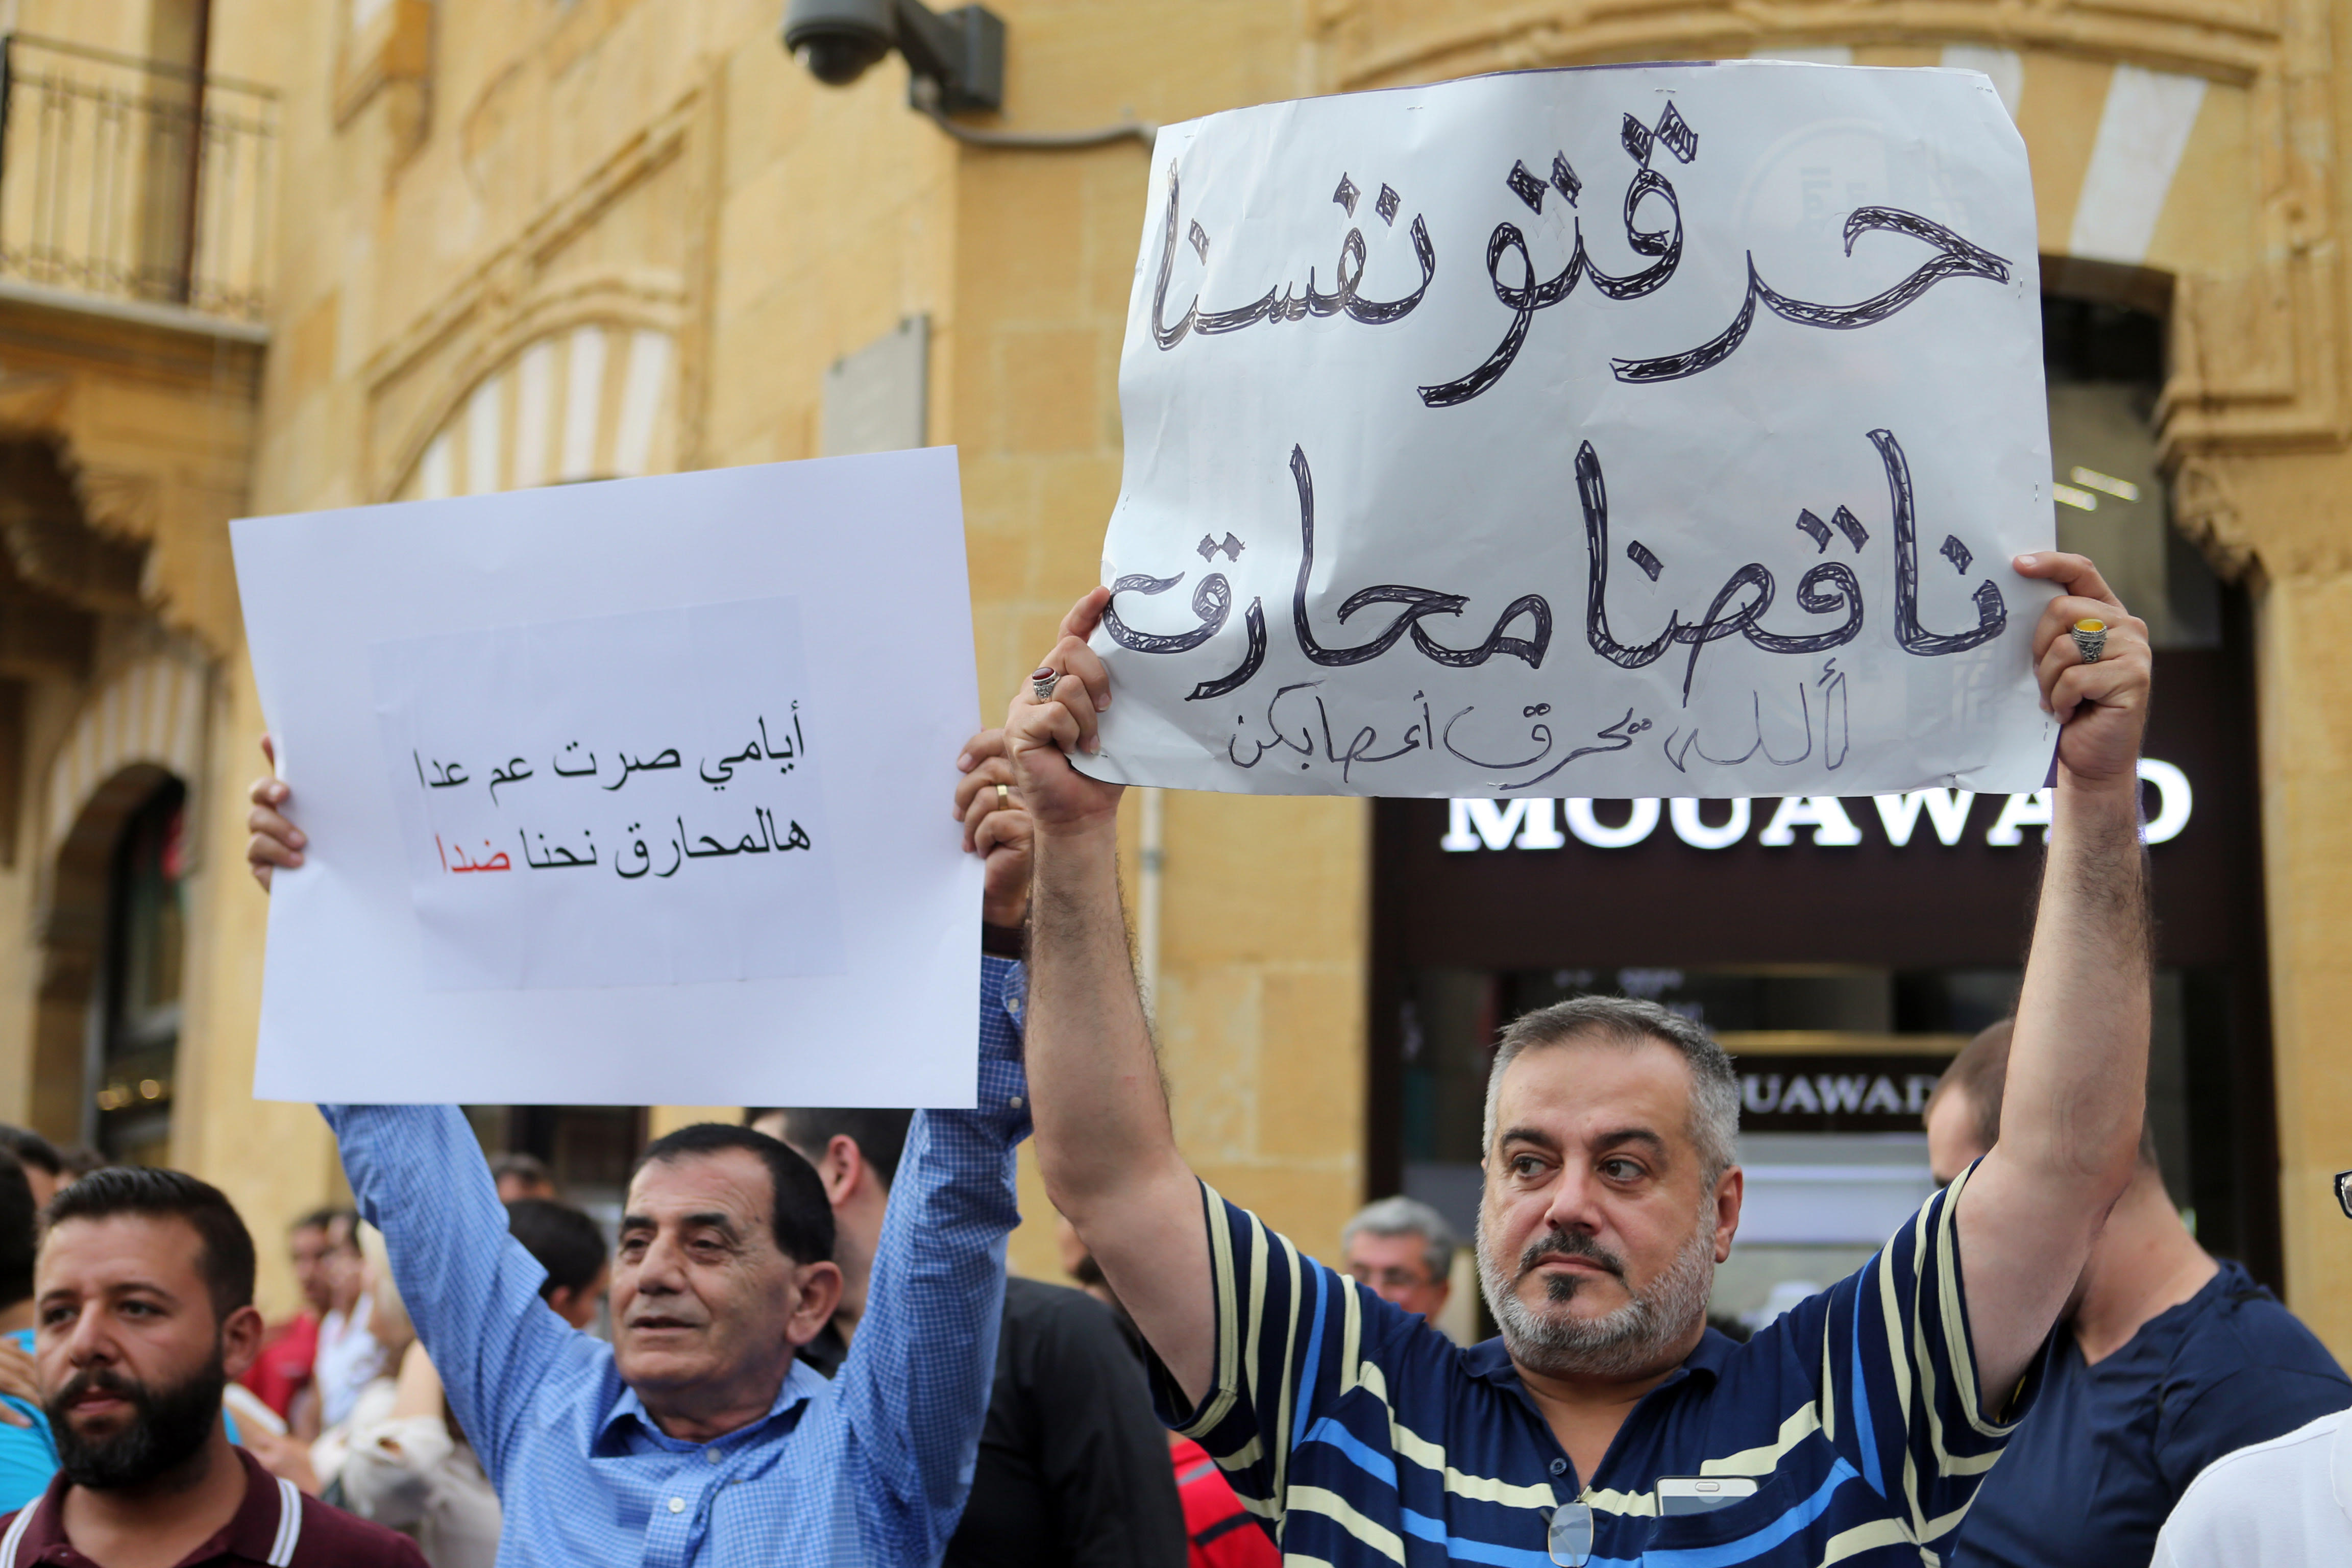 المحارق حاجة أوروبية والتضليل حاجة مروجيها في لبنان